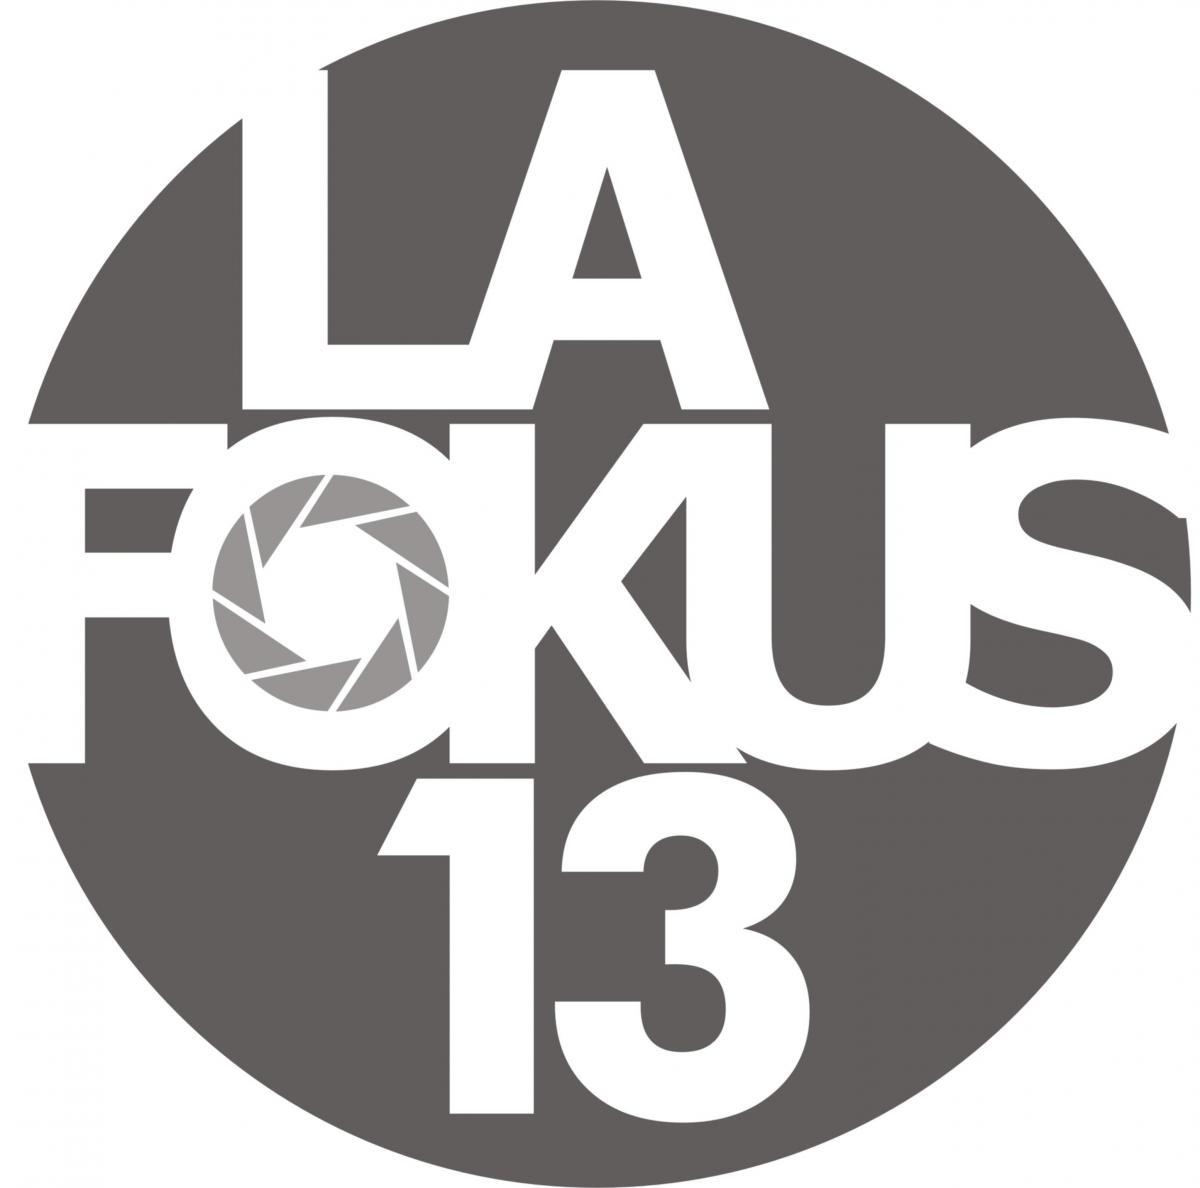 Logo LA FOKUS 13 -032-2 (1) (1)